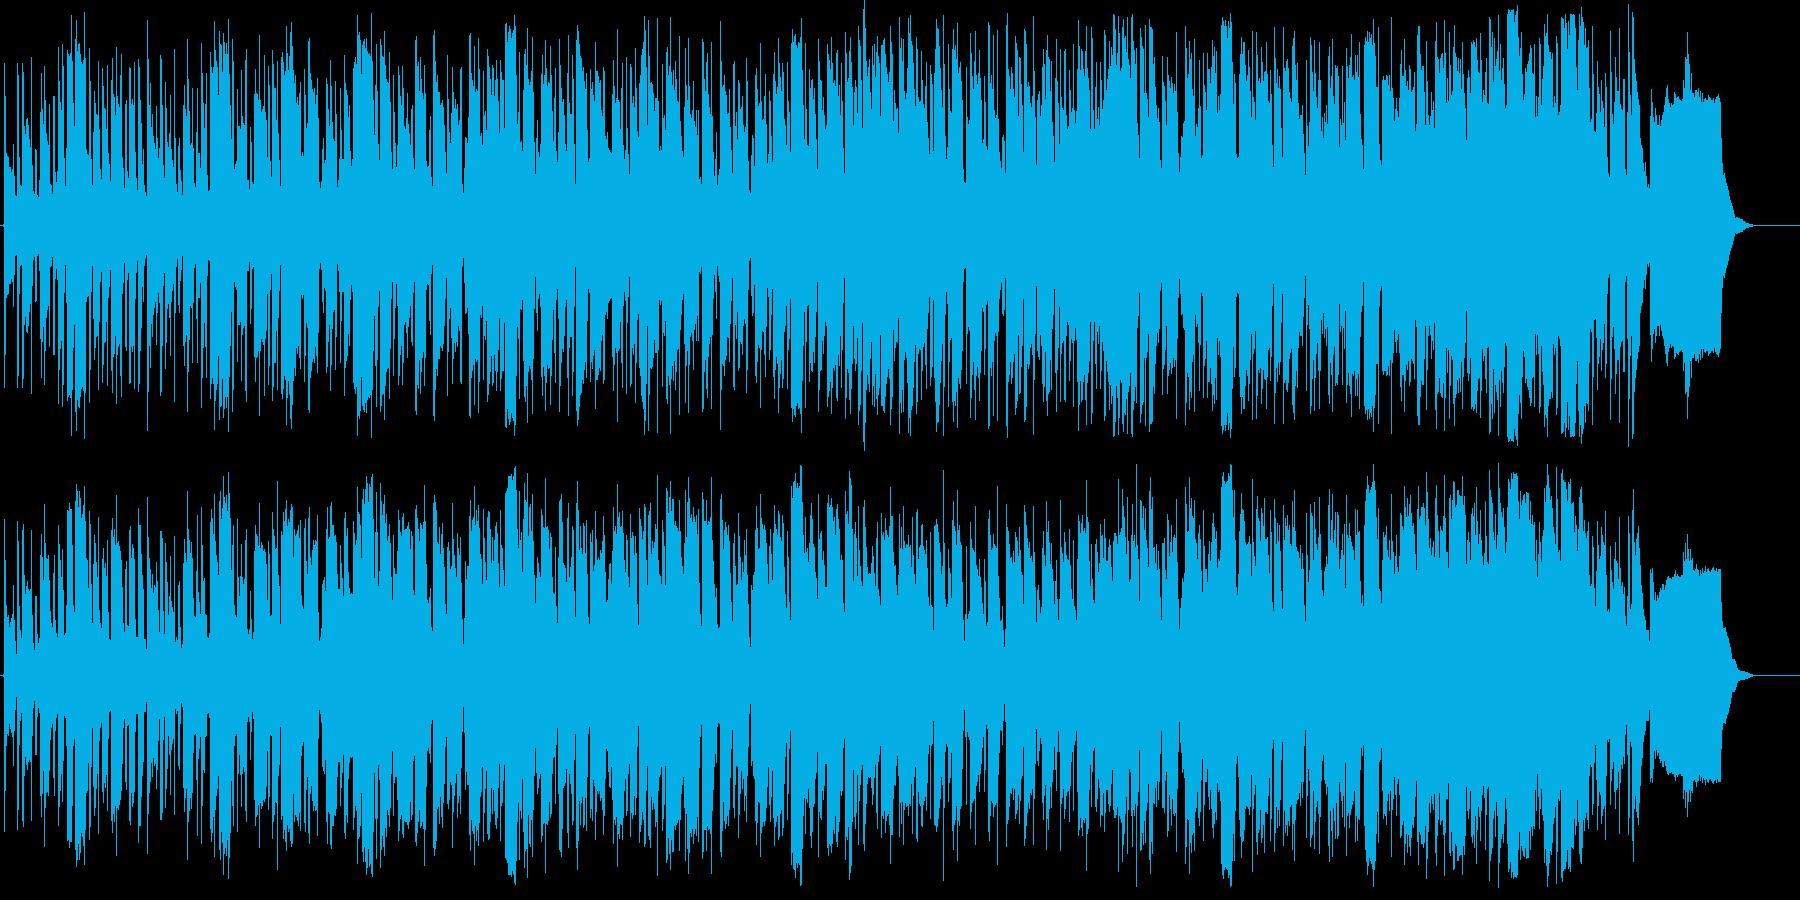 やさしい和やかなメロディーの再生済みの波形